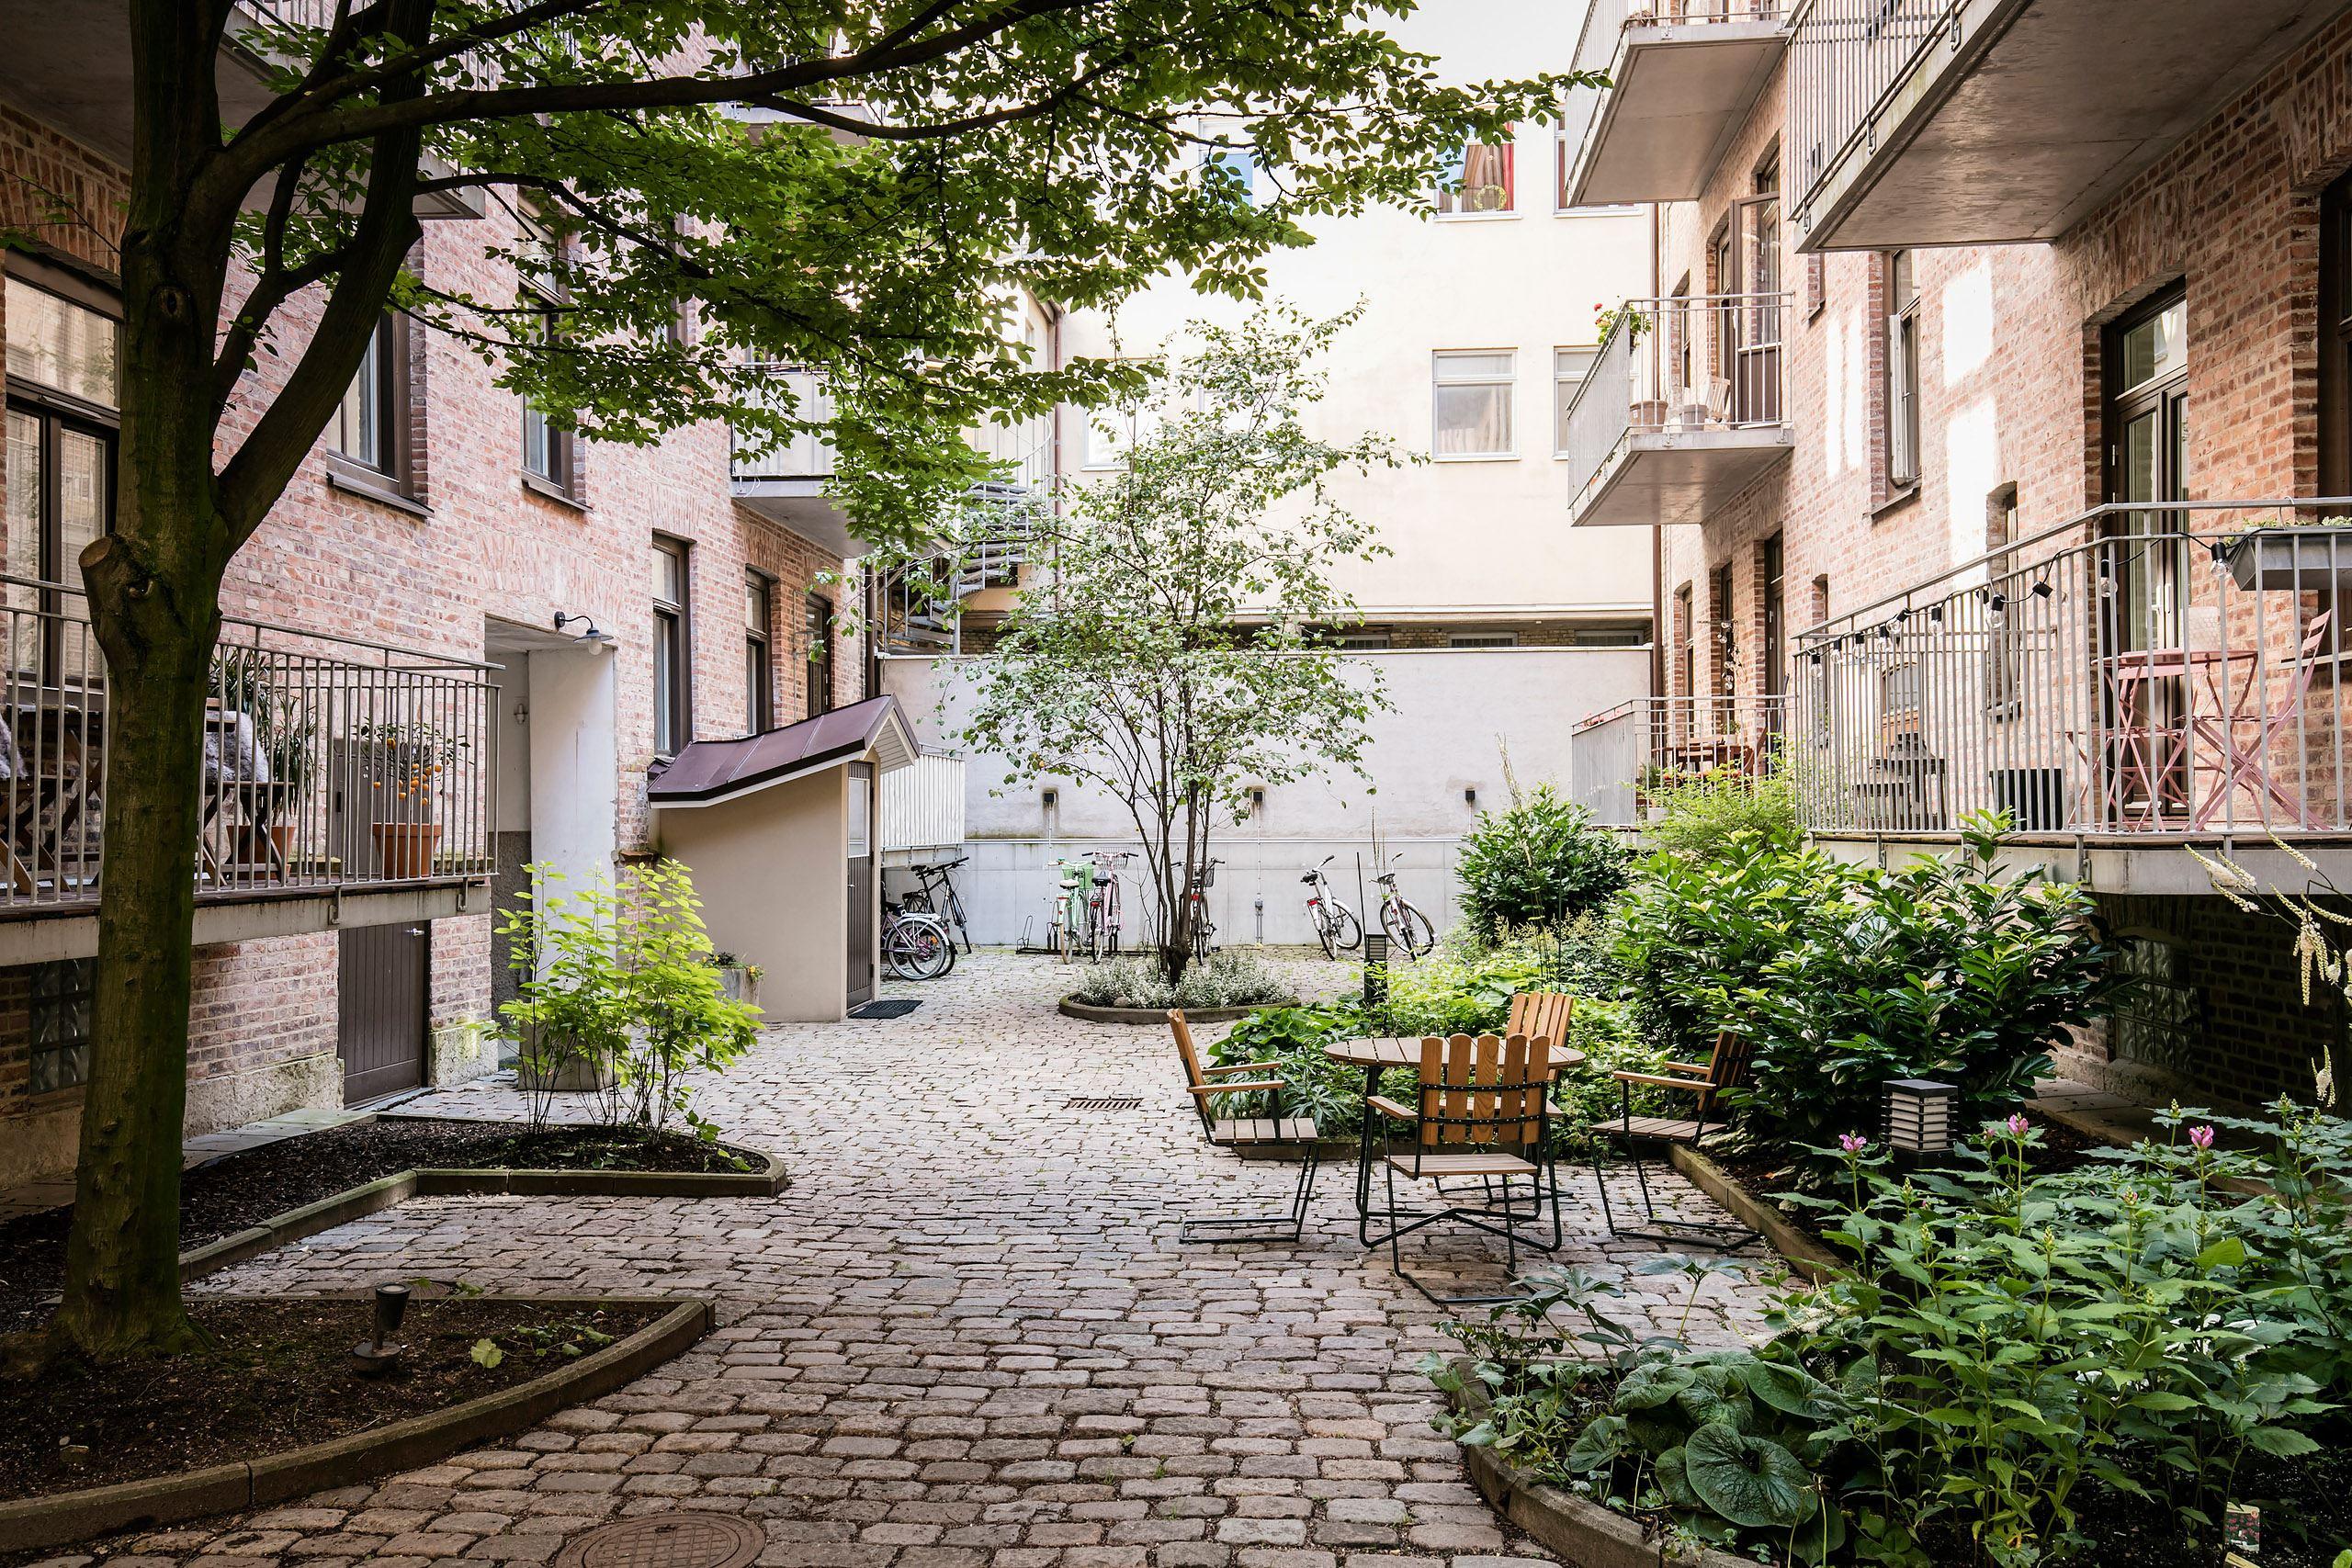 городской двор клумбы кустарники цветы уличная мебель